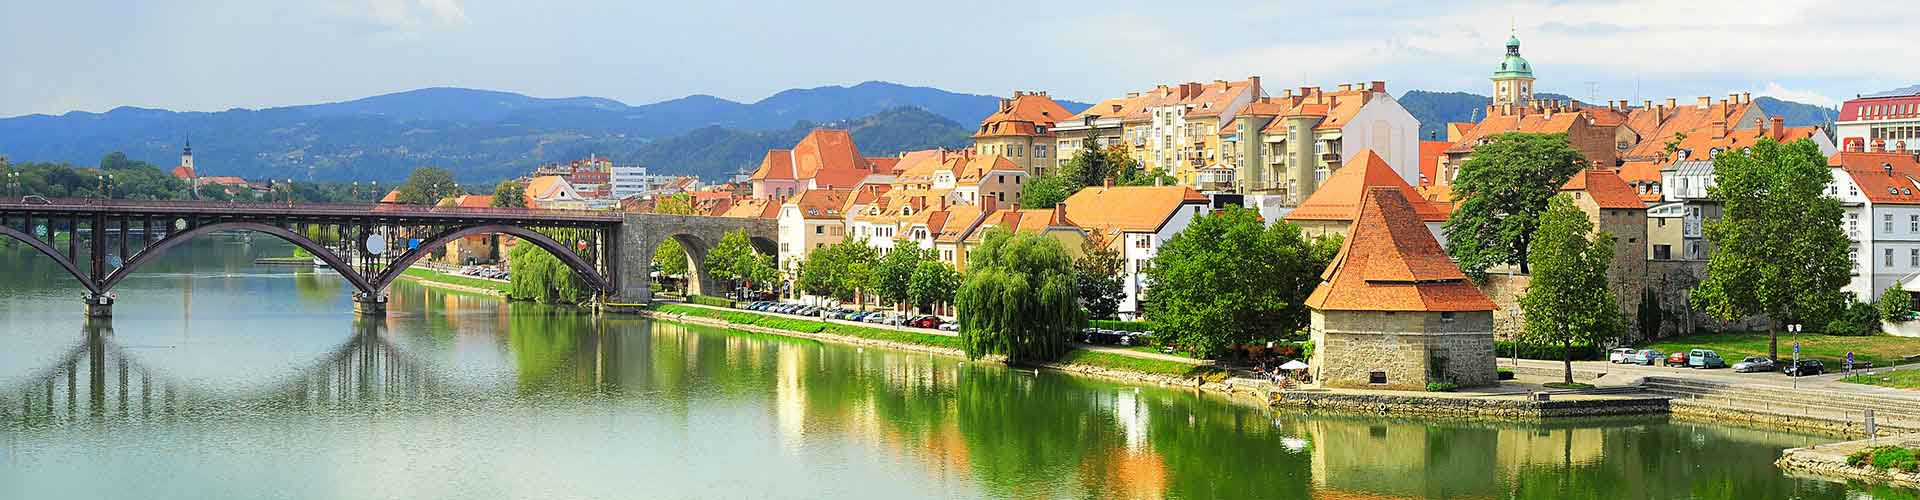 Maribor - Hoteles baratos en Maribor. Mapas de Maribor, Fotos y comentarios de cada Hotel en Maribor.